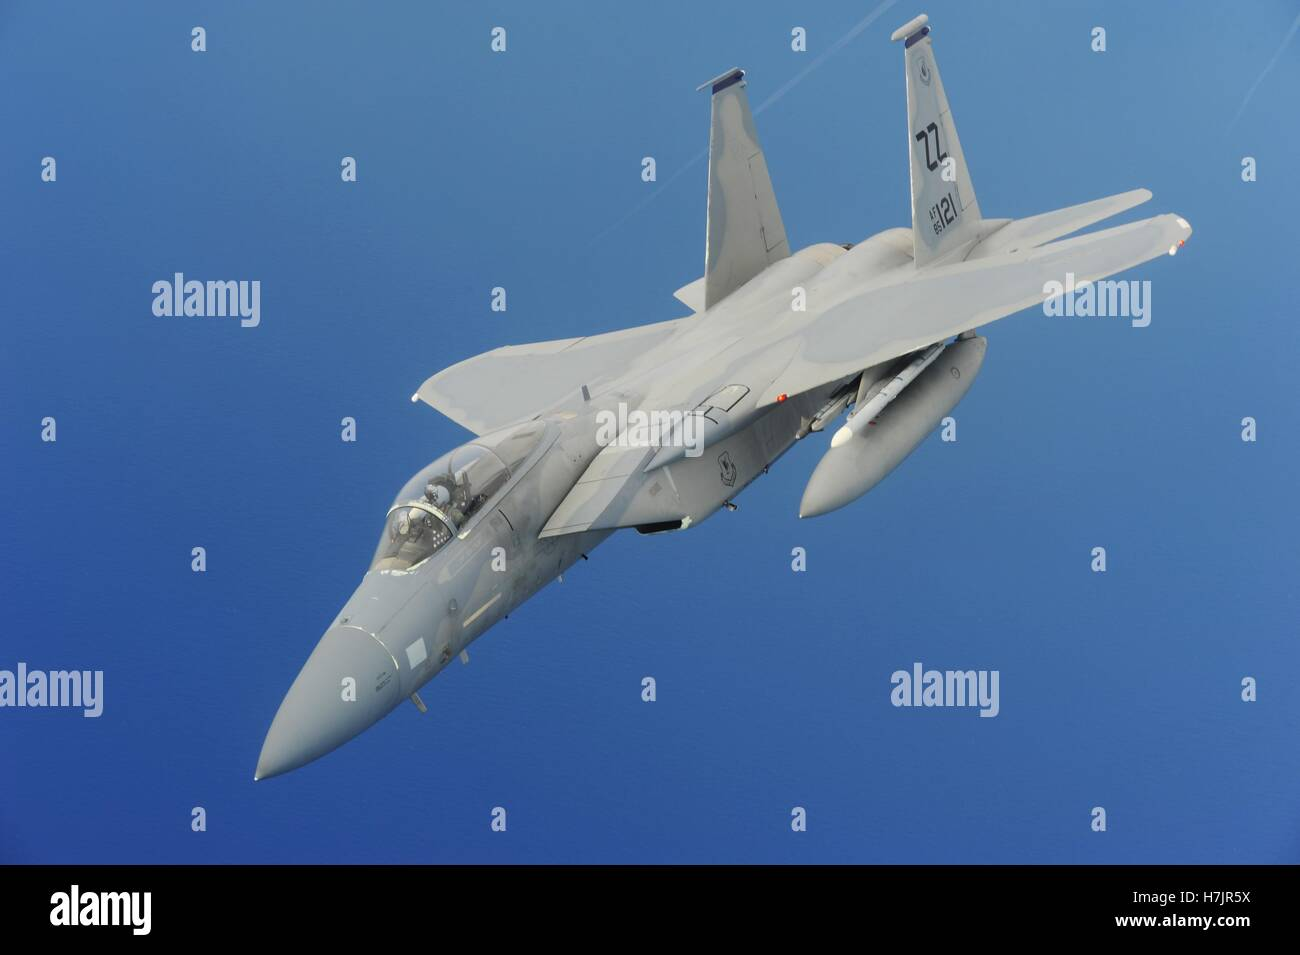 Un avión de combate F-15 Eagle en vuelo durante el ejercicio Valiant Shield de Septiembre 19, 2014 en Yigo, Imagen De Stock